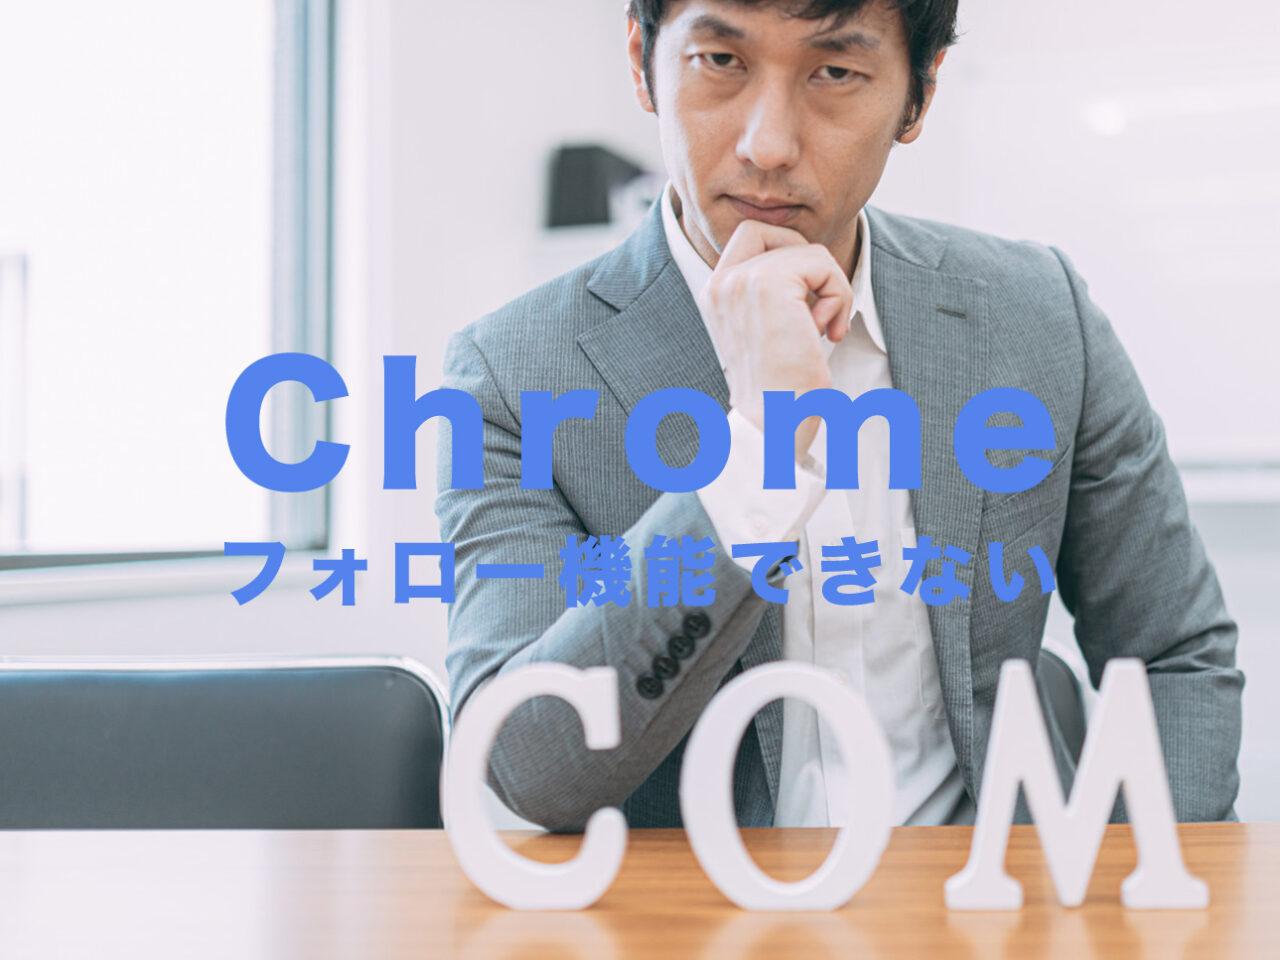 Chromeでフォロー機能ができない場合の対処法は?Android&iPhoneで解説!のサムネイル画像